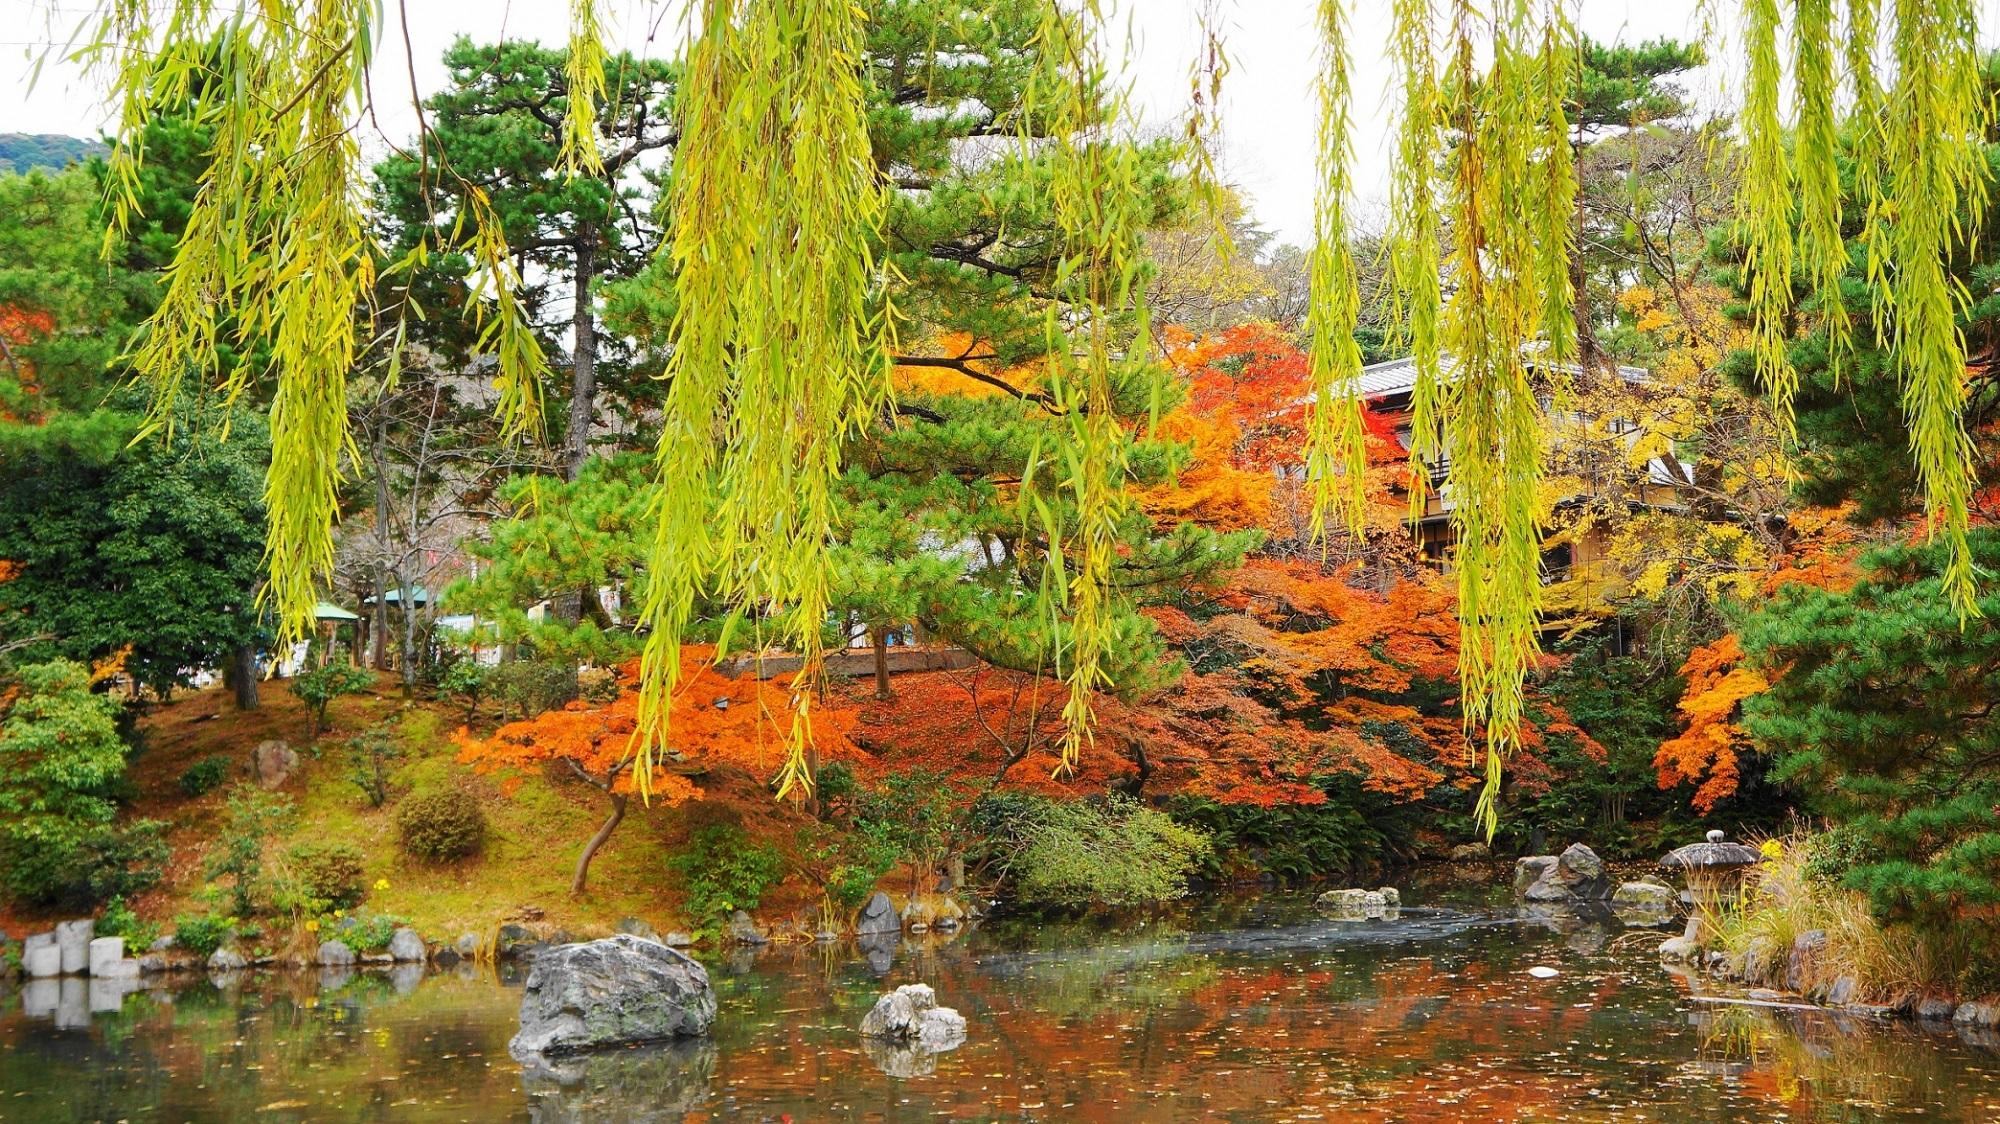 京都 円山公園 紅葉 名勝公園の秋の彩り